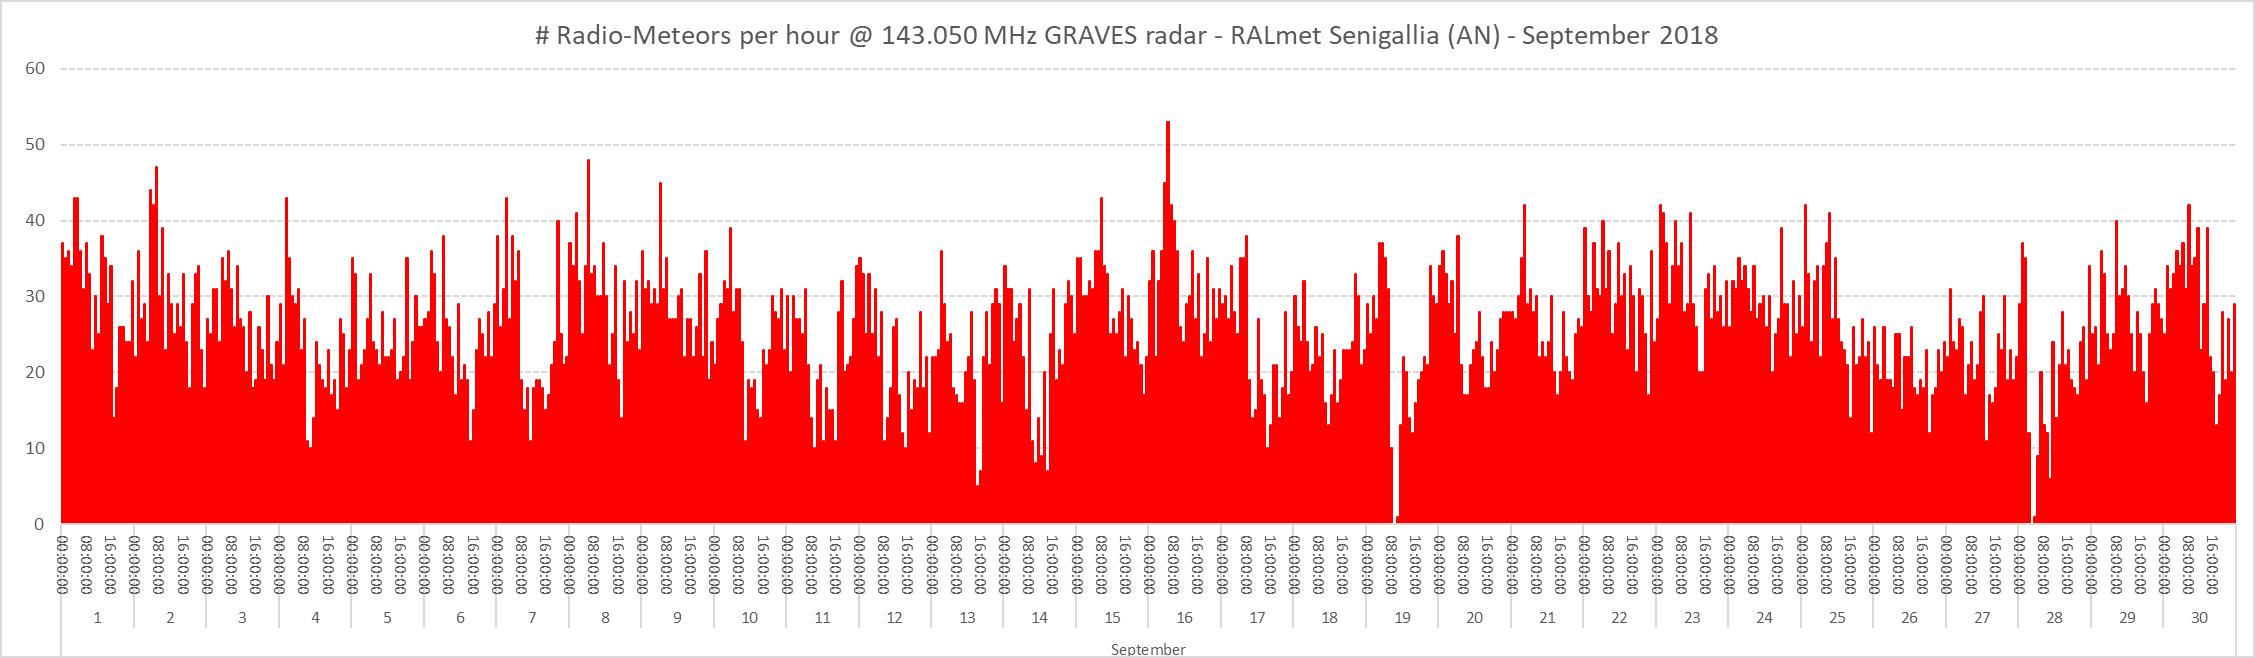 Conteggio del numero di radio-meteore per ora nel mese di Settembre 2018.